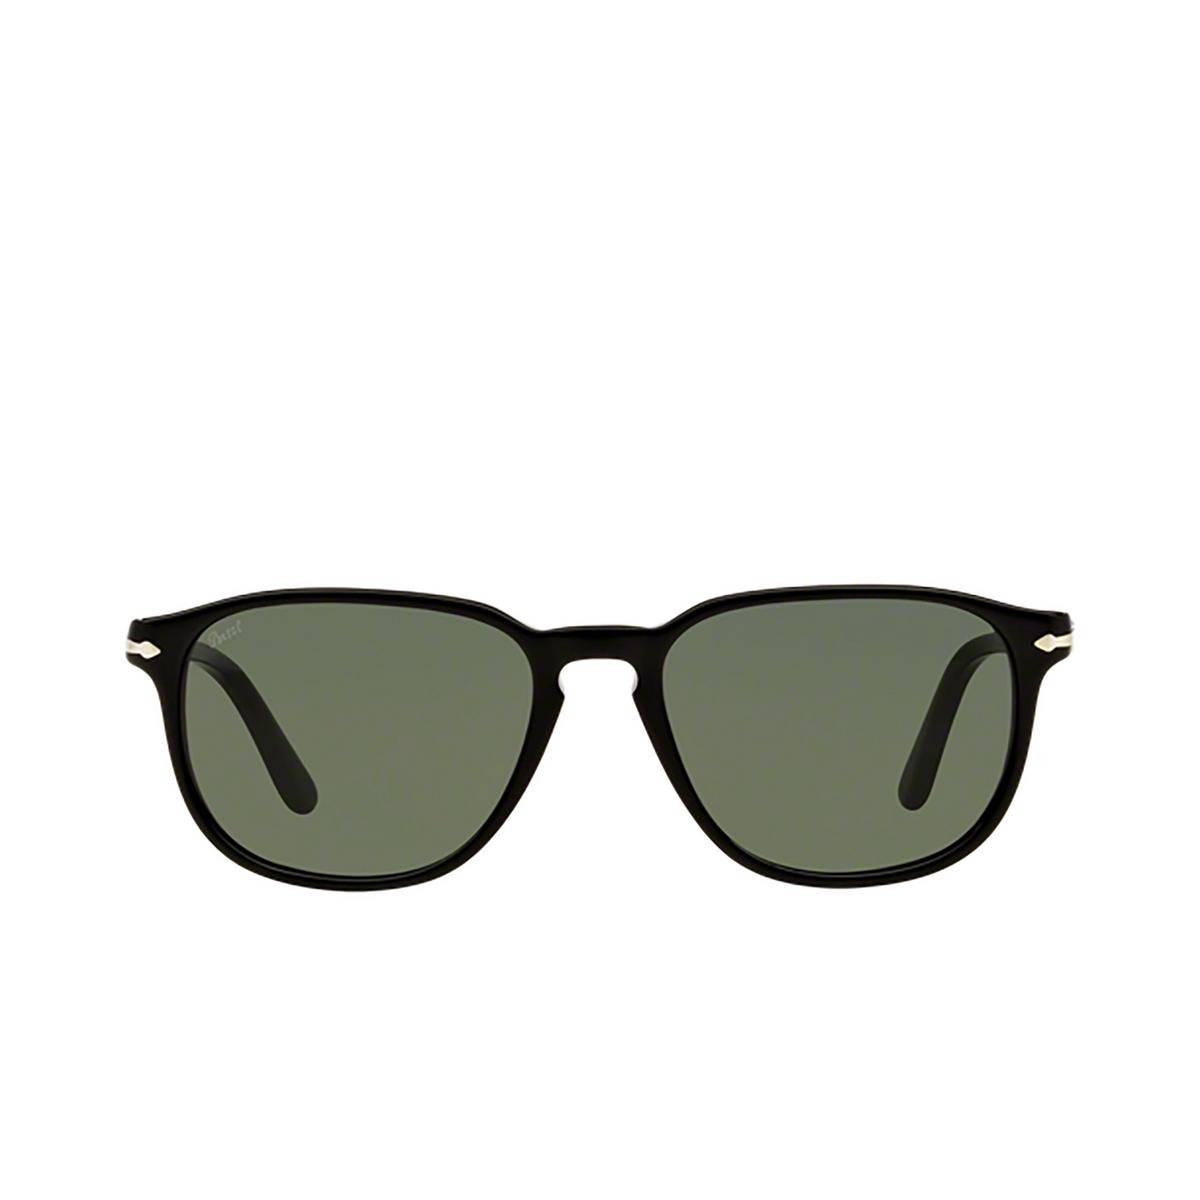 Persol® Square Sunglasses: PO3019S color Black 95/31 - front view.